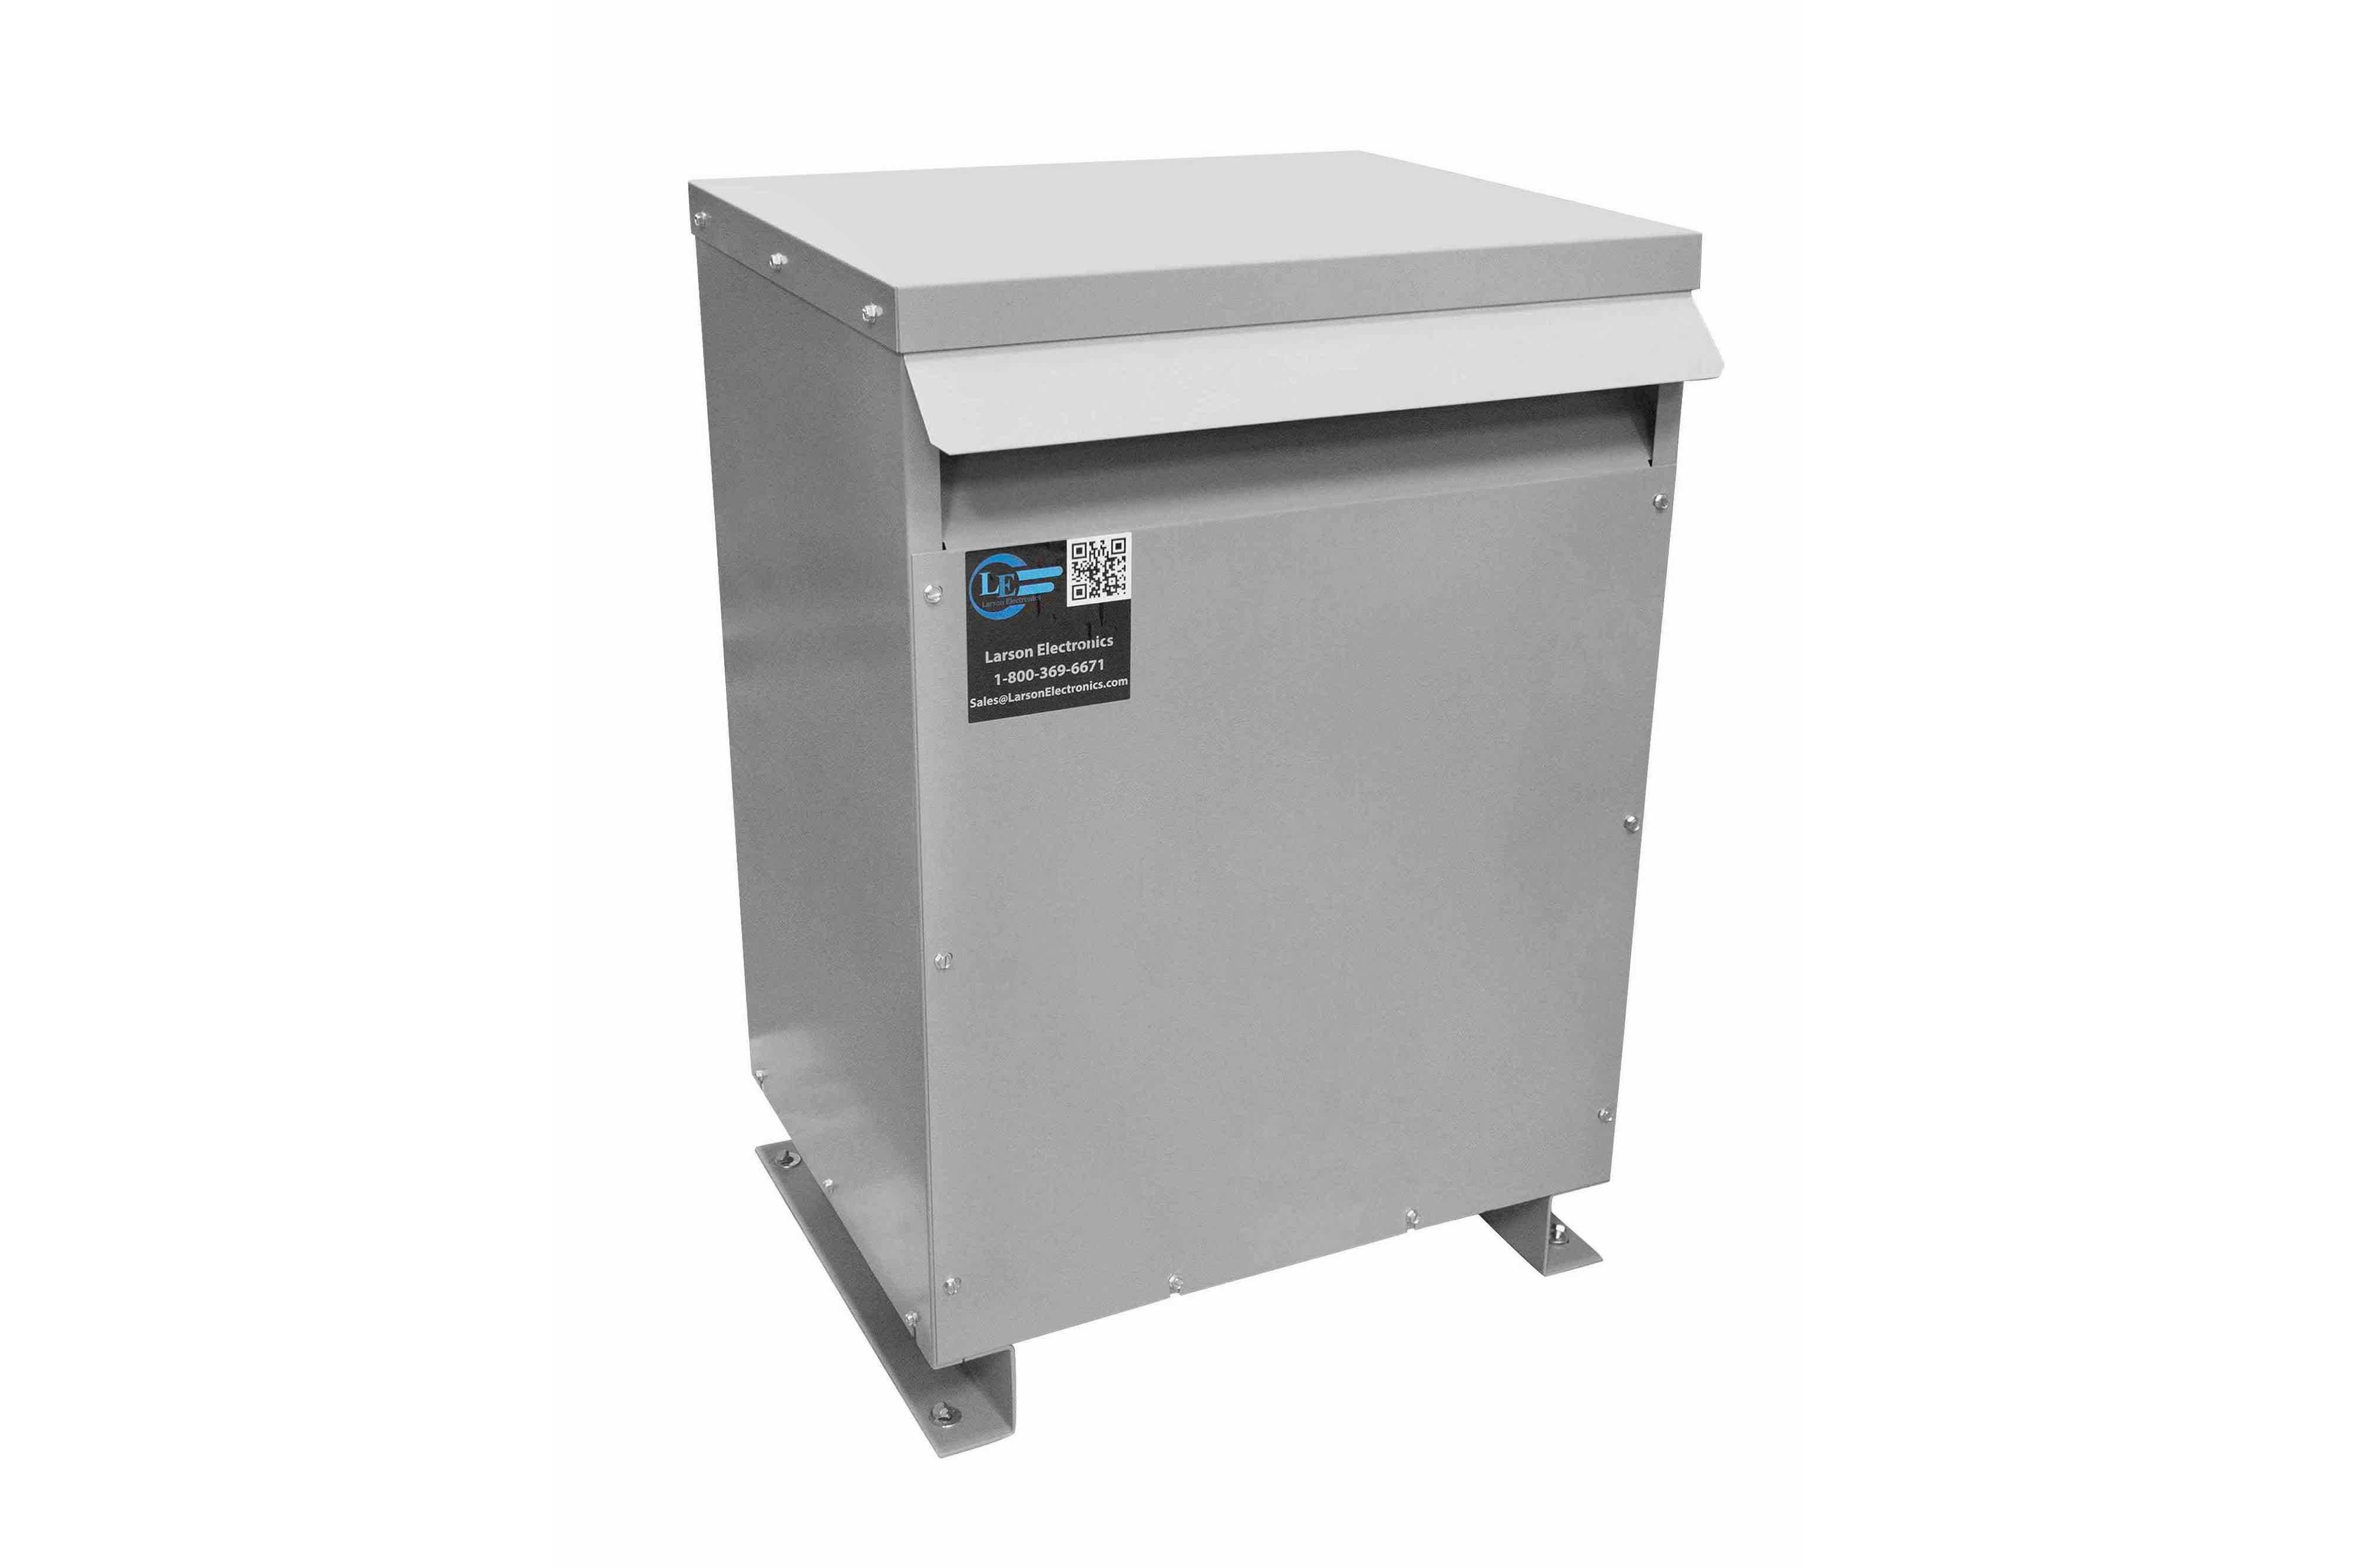 60 kVA 3PH Isolation Transformer, 415V Delta Primary, 600V Delta Secondary, N3R, Ventilated, 60 Hz